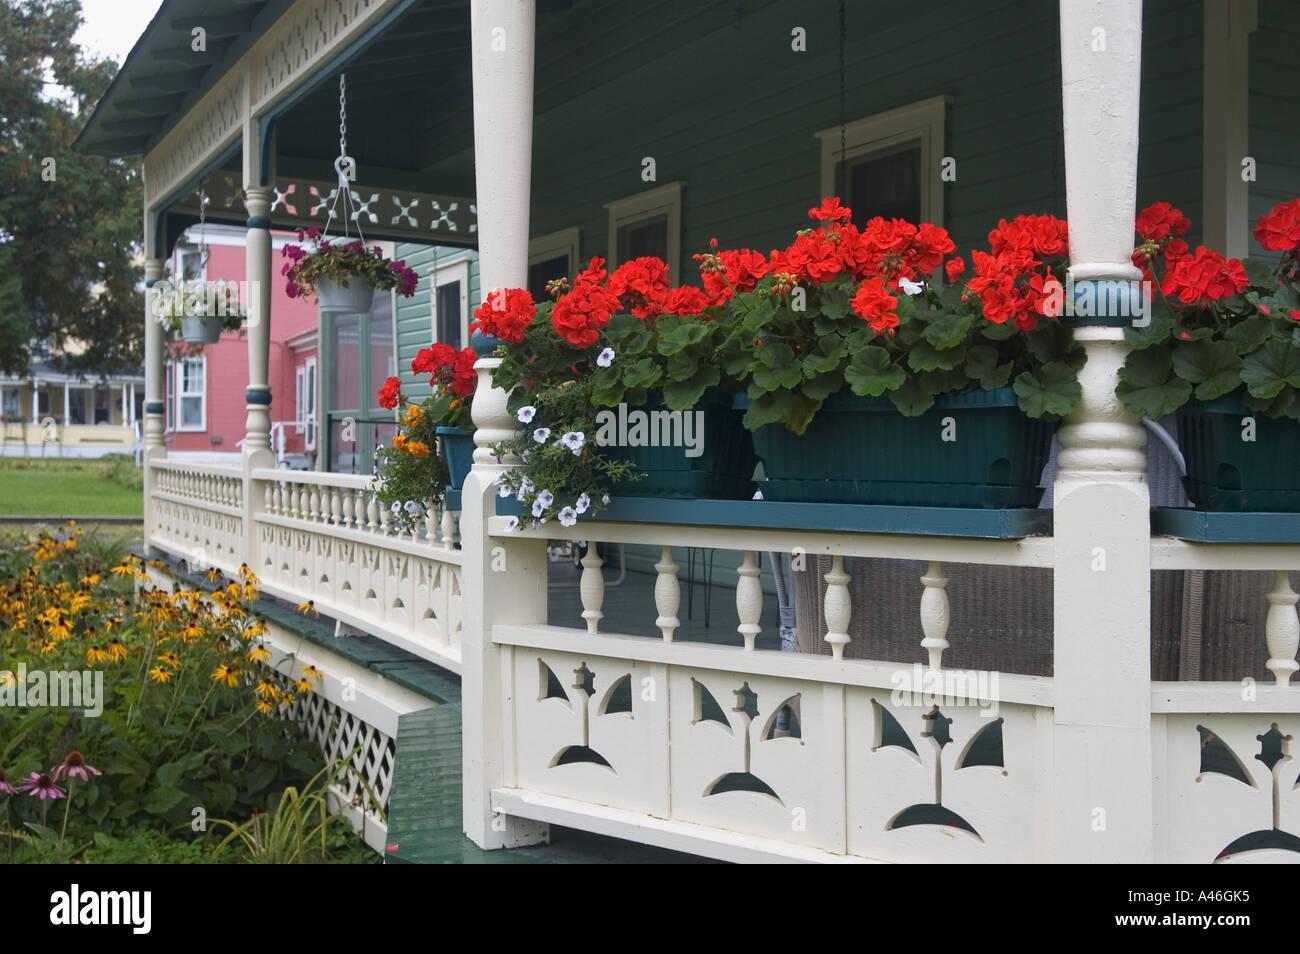 Geranien anderen Blumen auf der Veranda des viktorianischen Haus tausend Insel Park New York Stockfoto